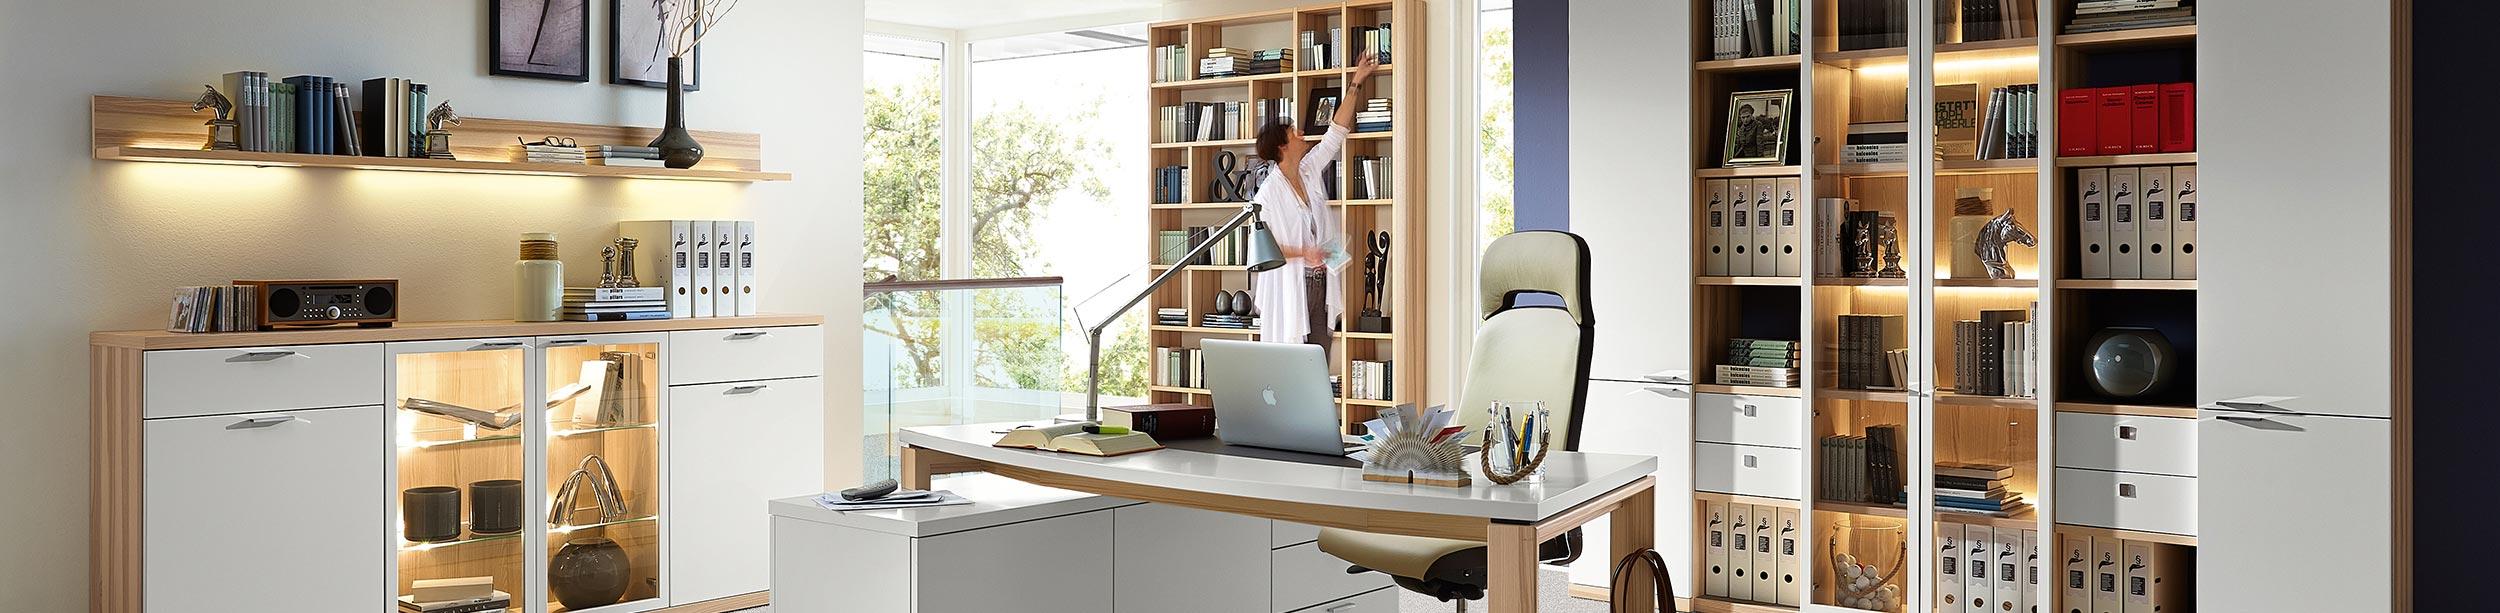 wohnw nde polsterm bel k chen esszimmer schlafzimmer. Black Bedroom Furniture Sets. Home Design Ideas